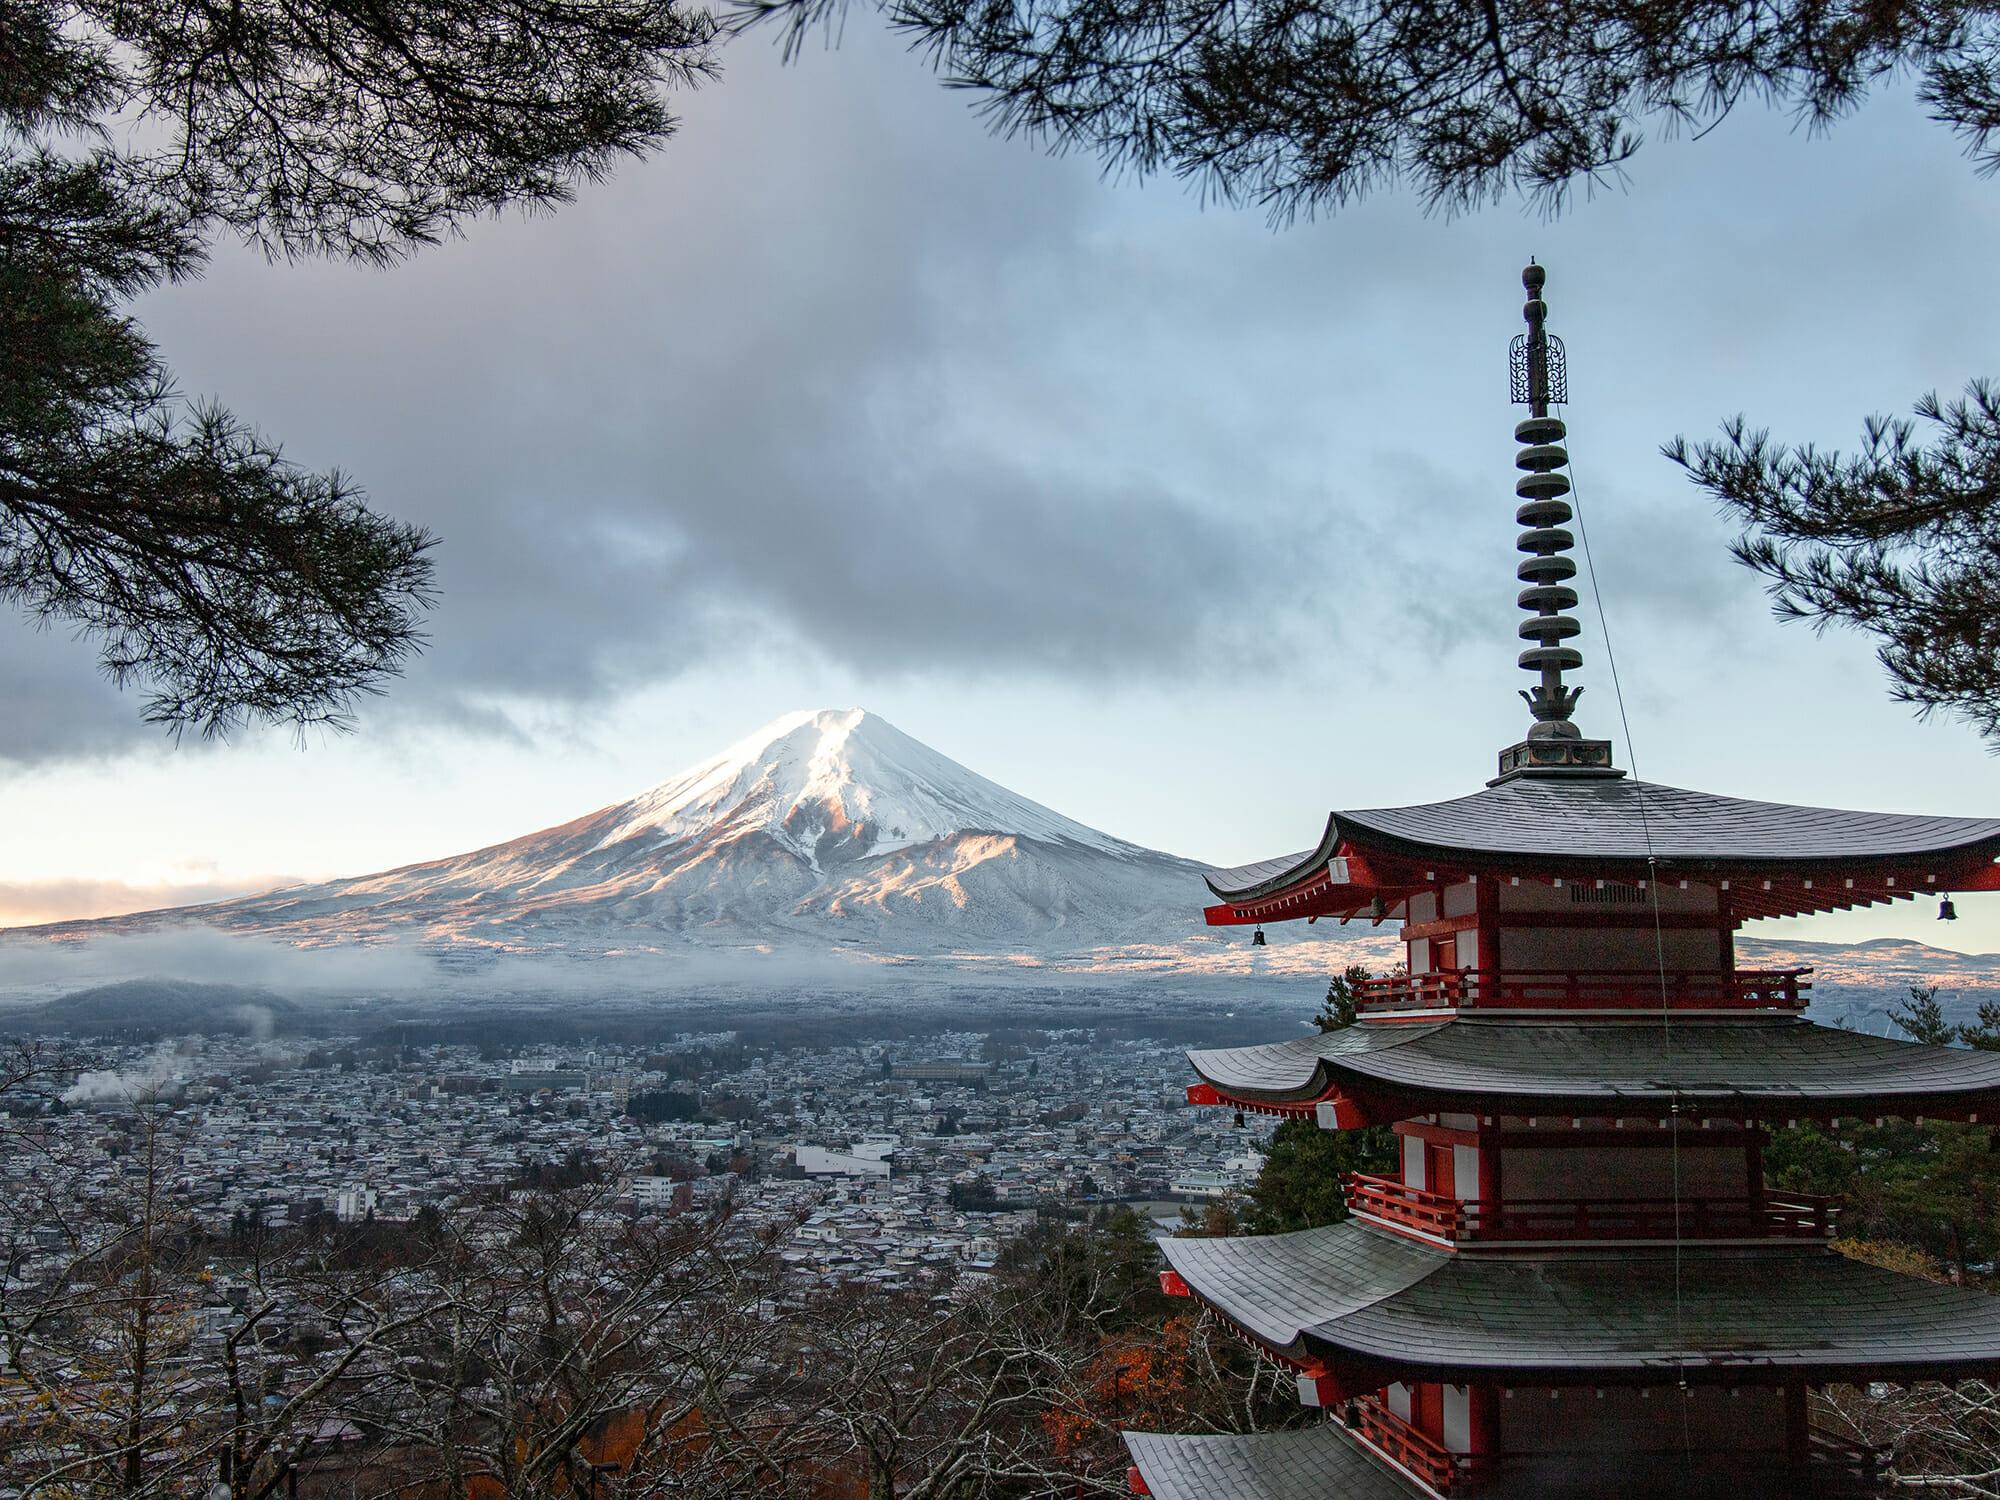 富士山と日本の仏教寺院